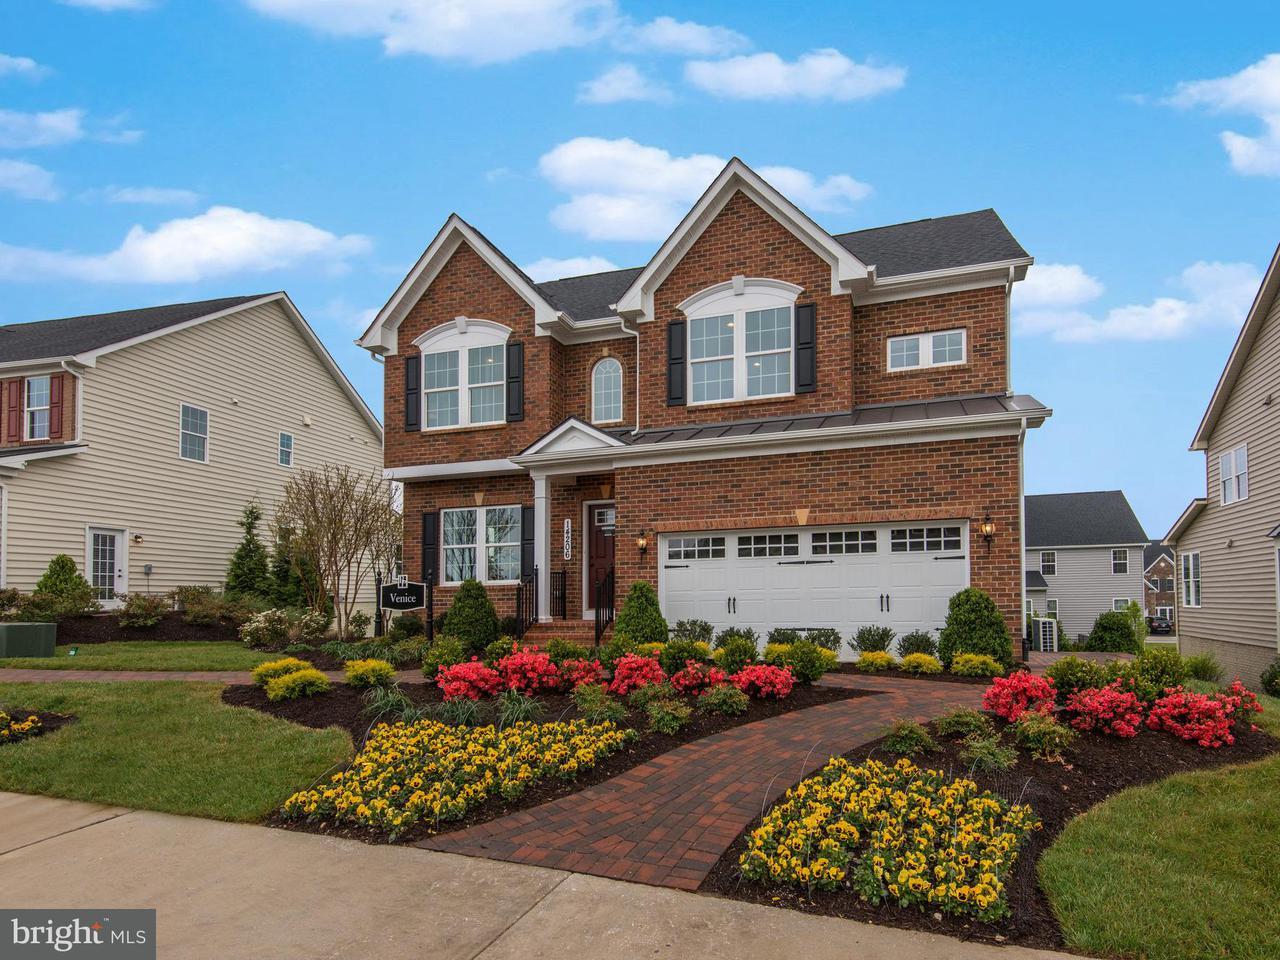 단독 가정 주택 용 매매 에 14622 BENTLEY PARK Drive 14622 BENTLEY PARK Drive Burtonsville, 메릴랜드 20866 미국